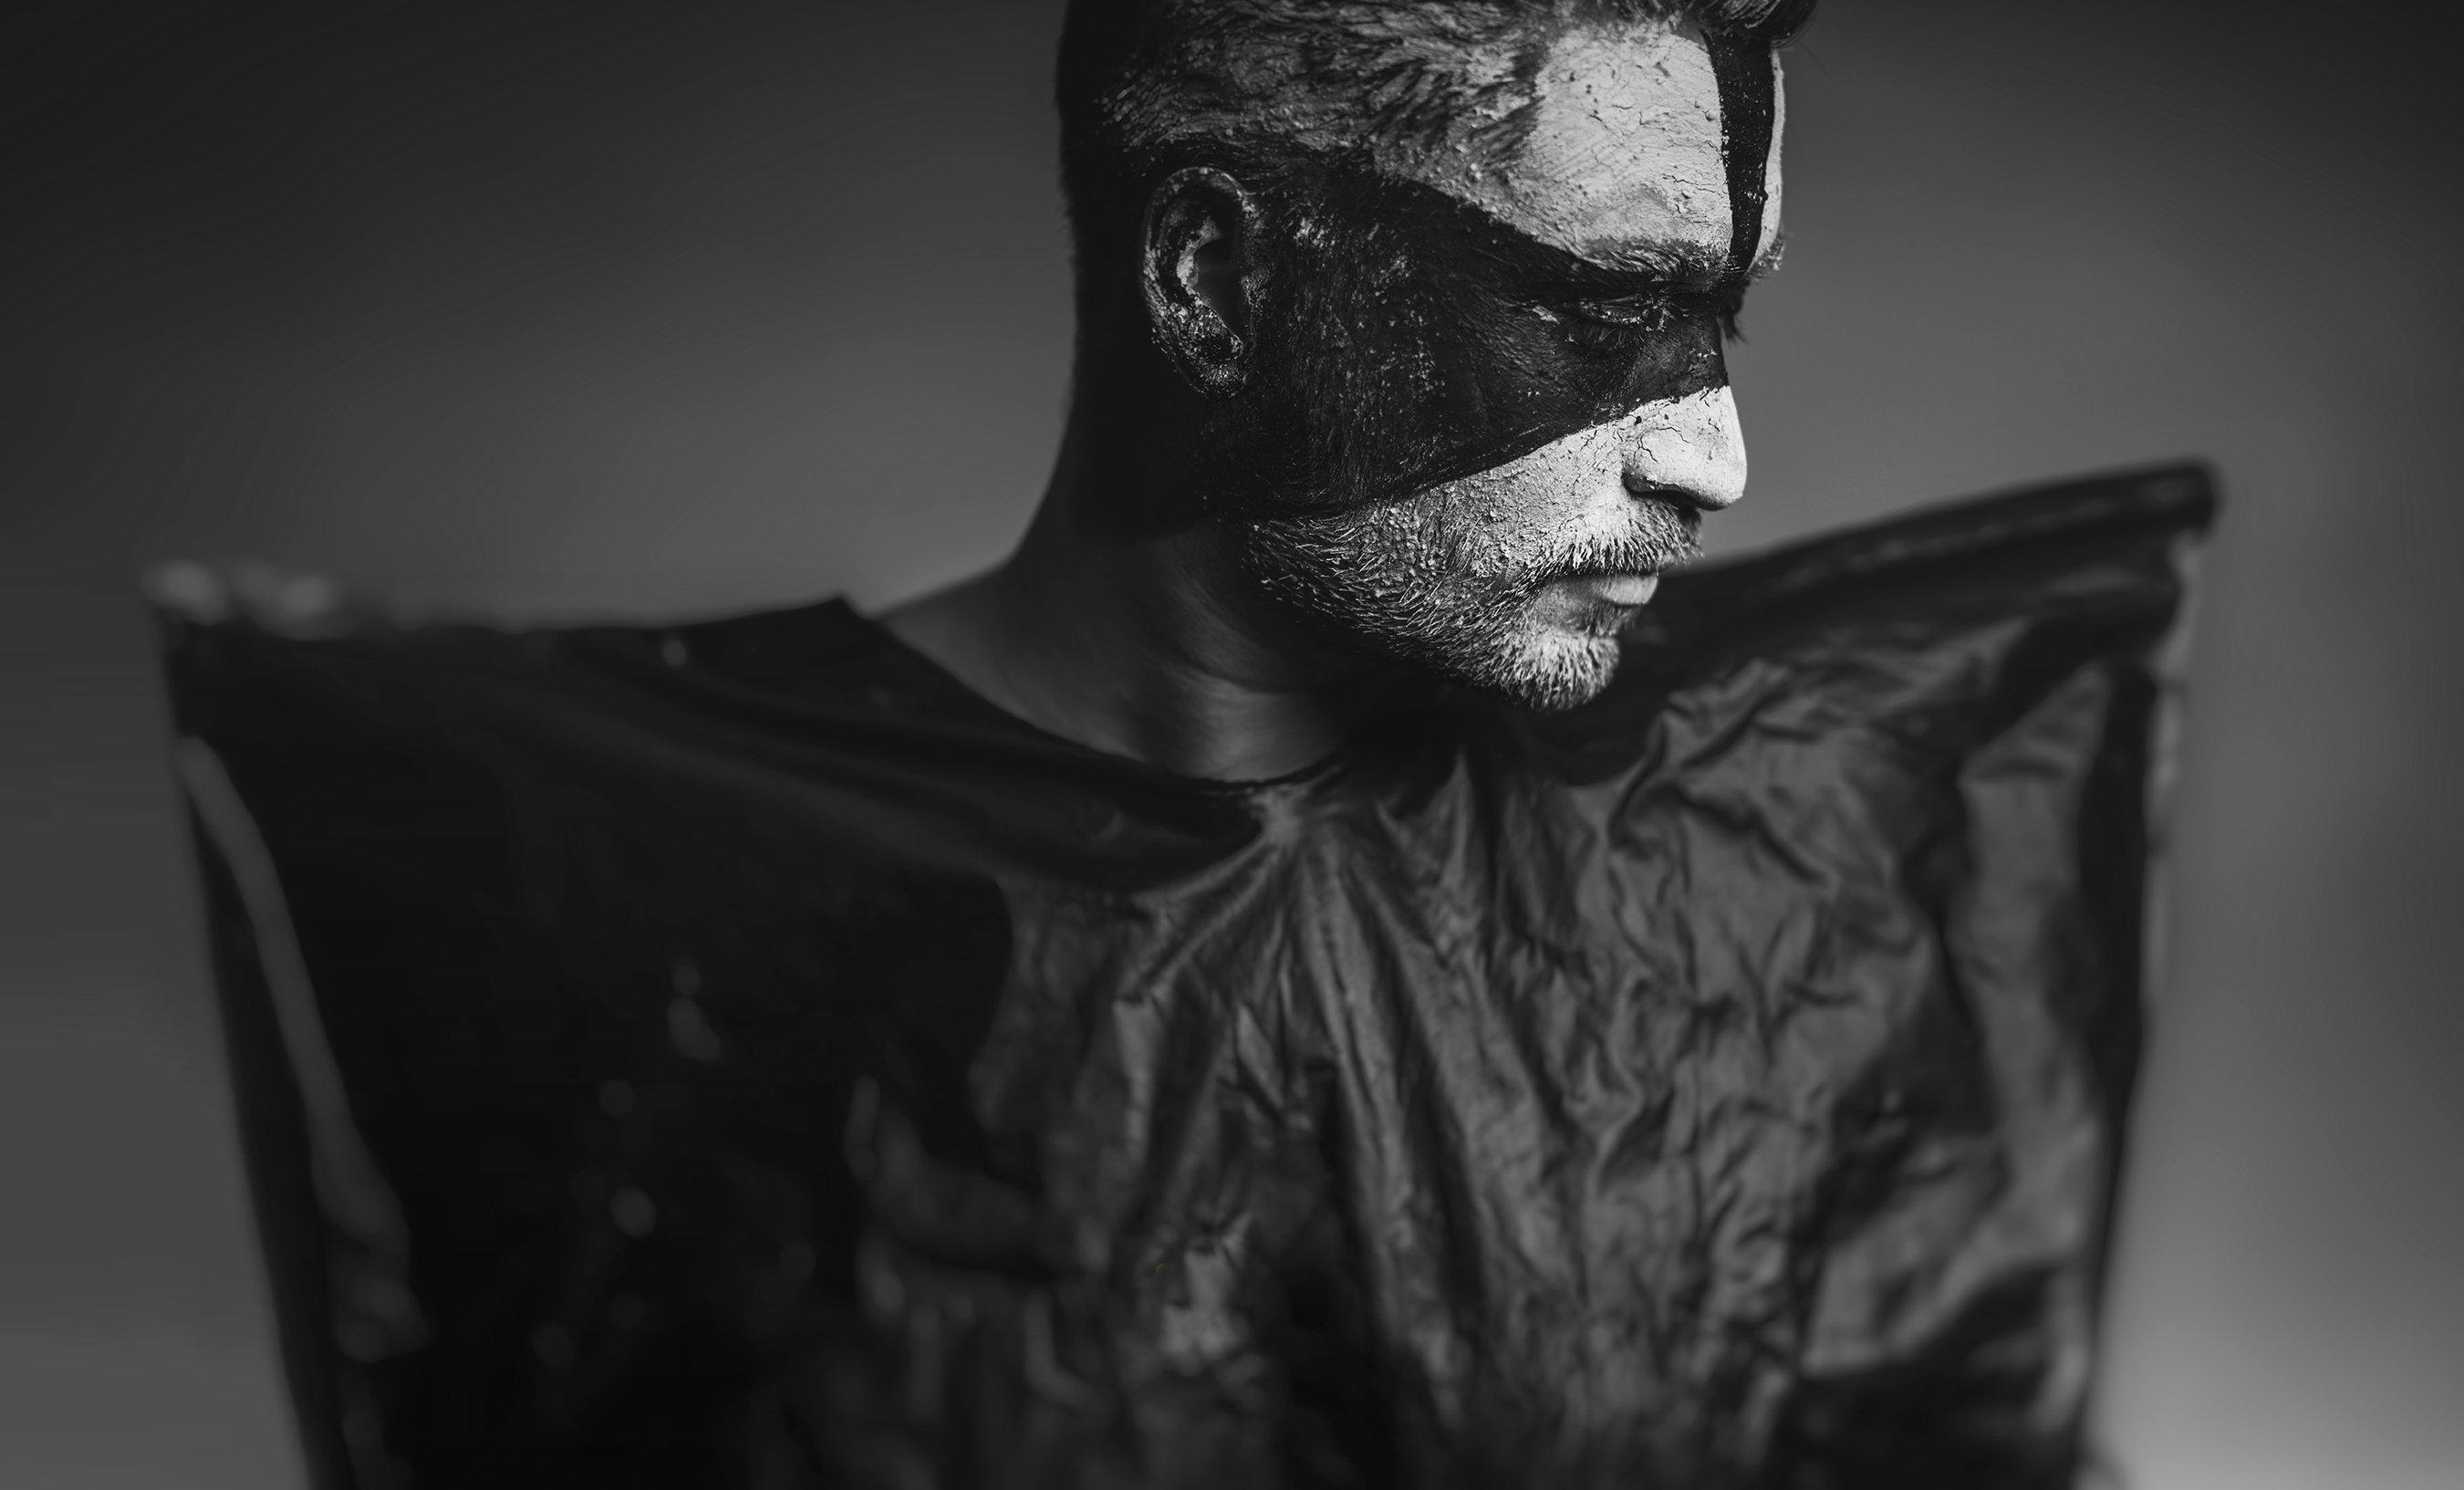 #mood #fineart  #portrait  #art  #fashion #35photo #artistic  #women #men #design #mask #dress, hamze dashtrazmi